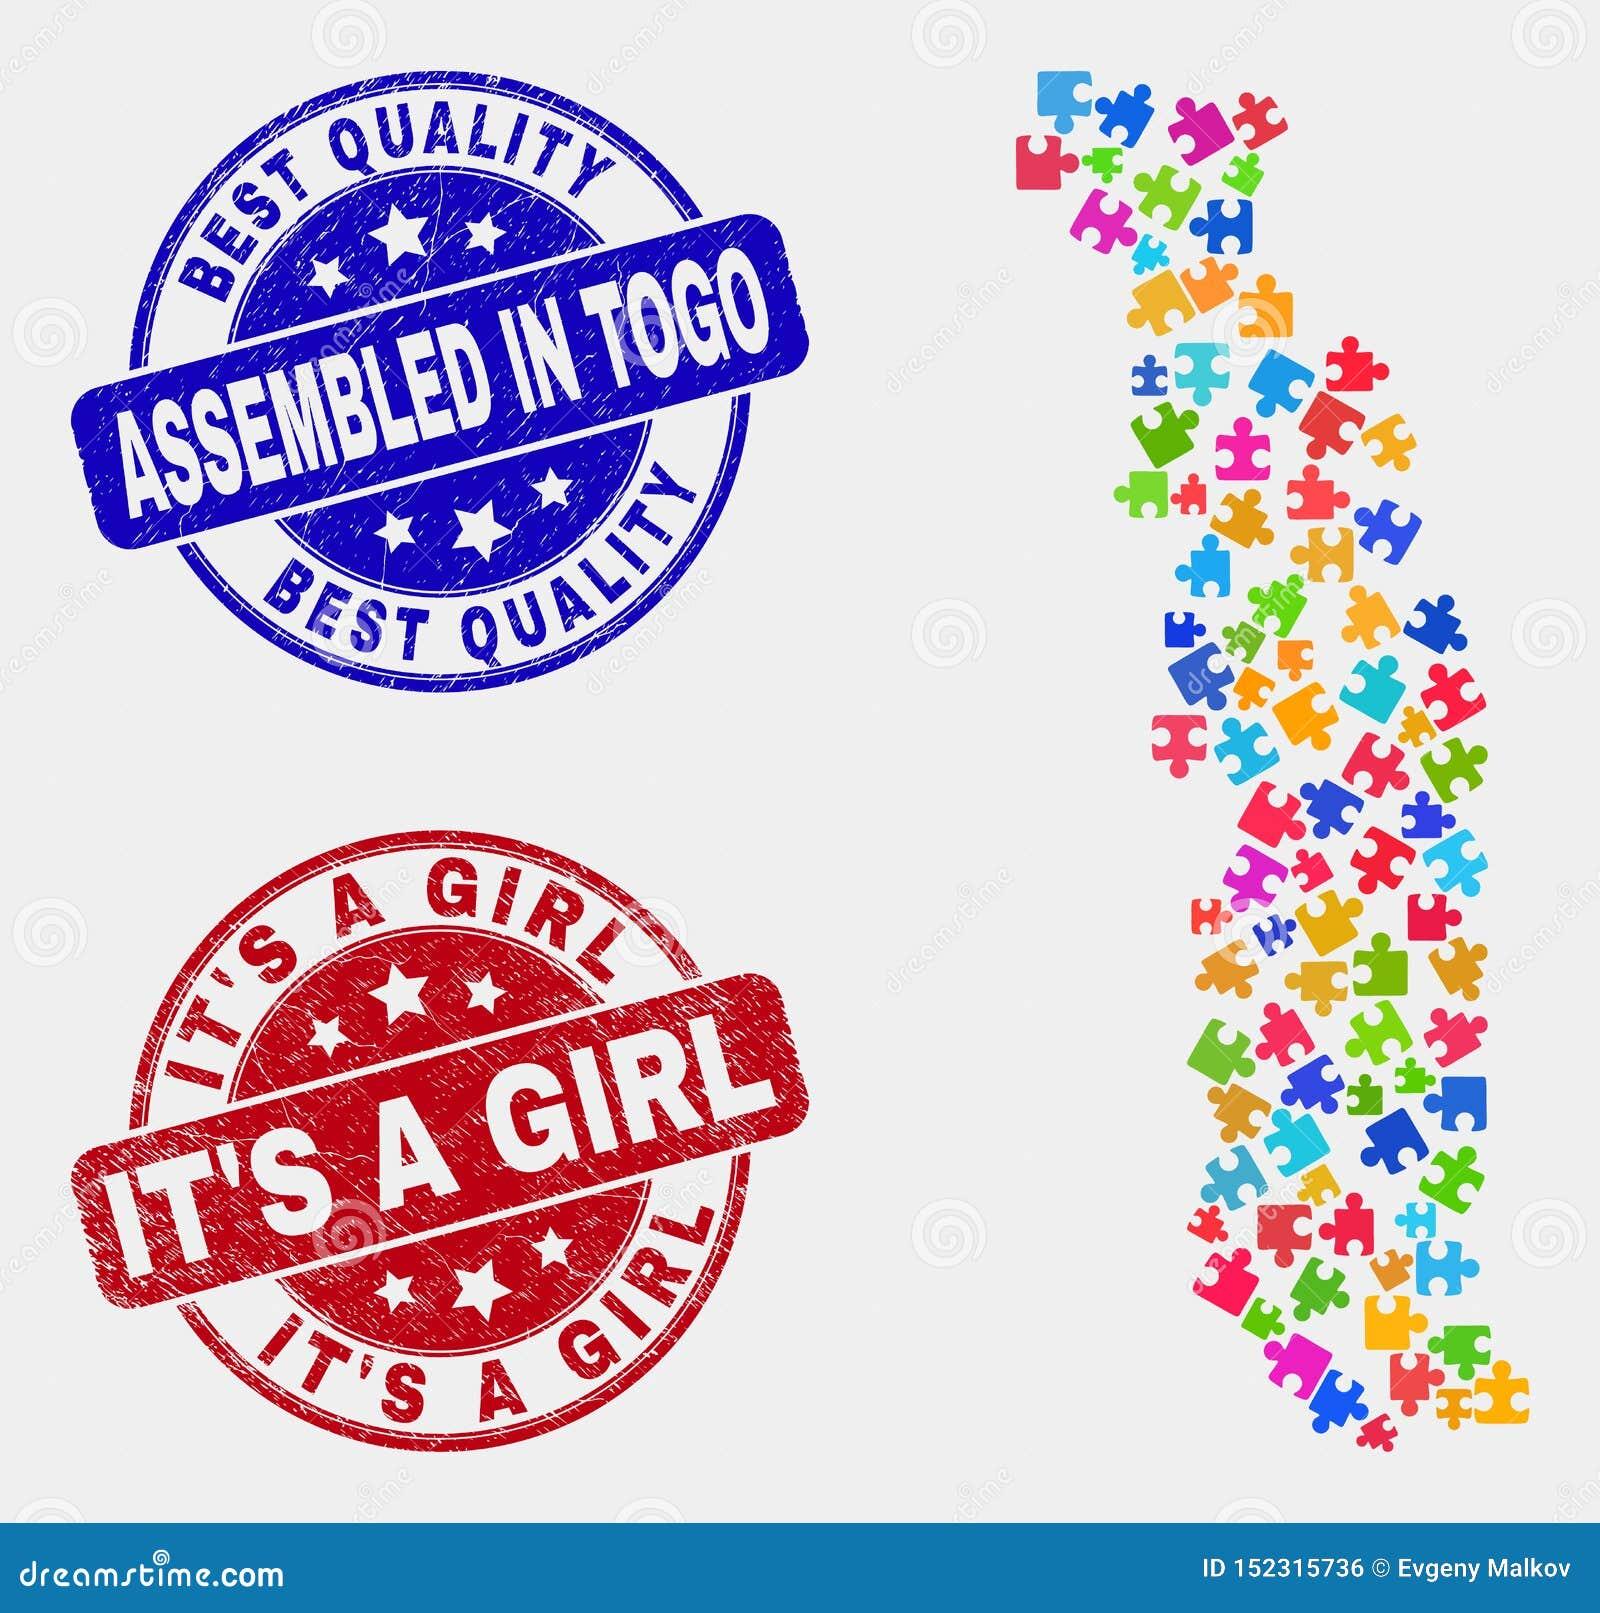 Puzzlespiel Togo Map und der zusammengebaute Schmutz und es sind ein Mädchen-Stempel